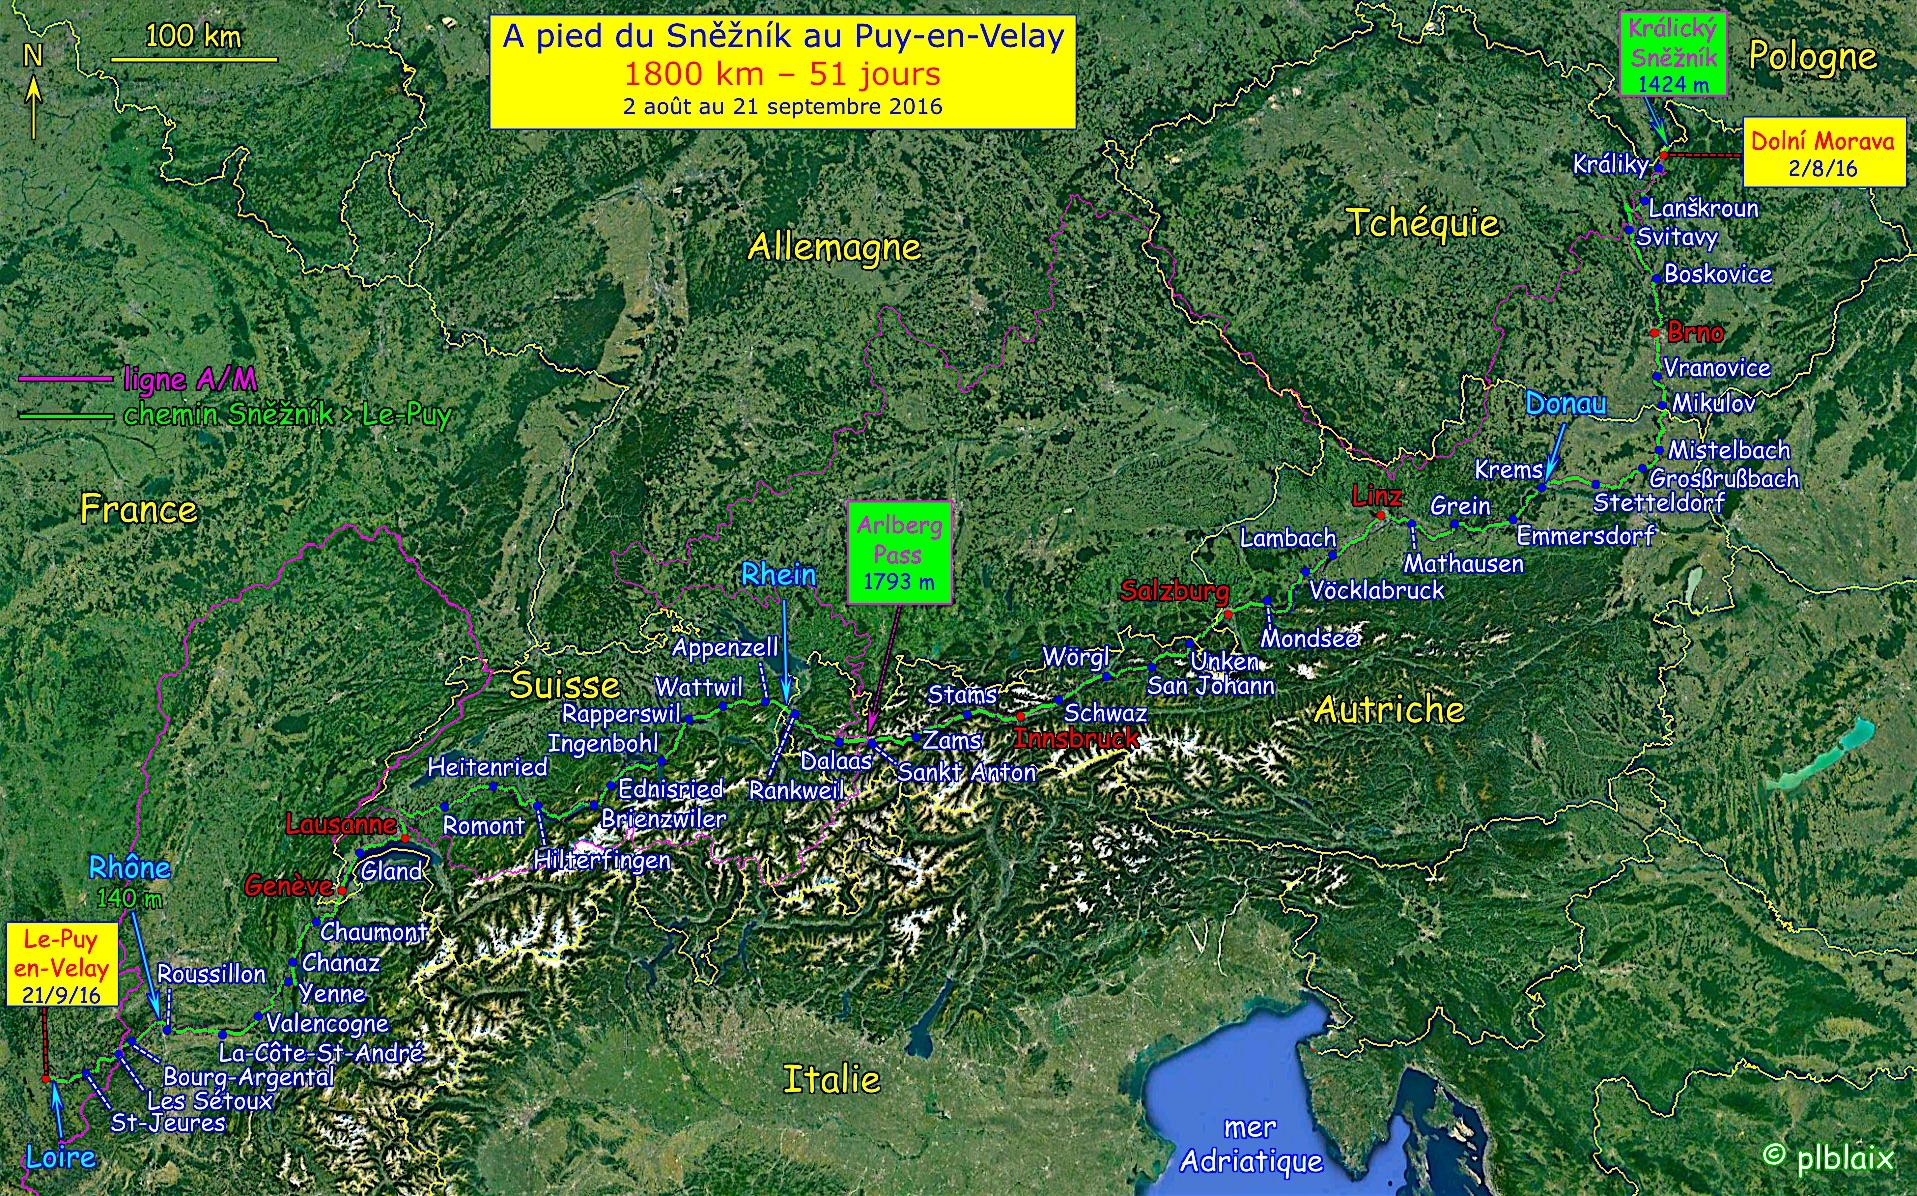 carte-chemin-sneznik-le-puy